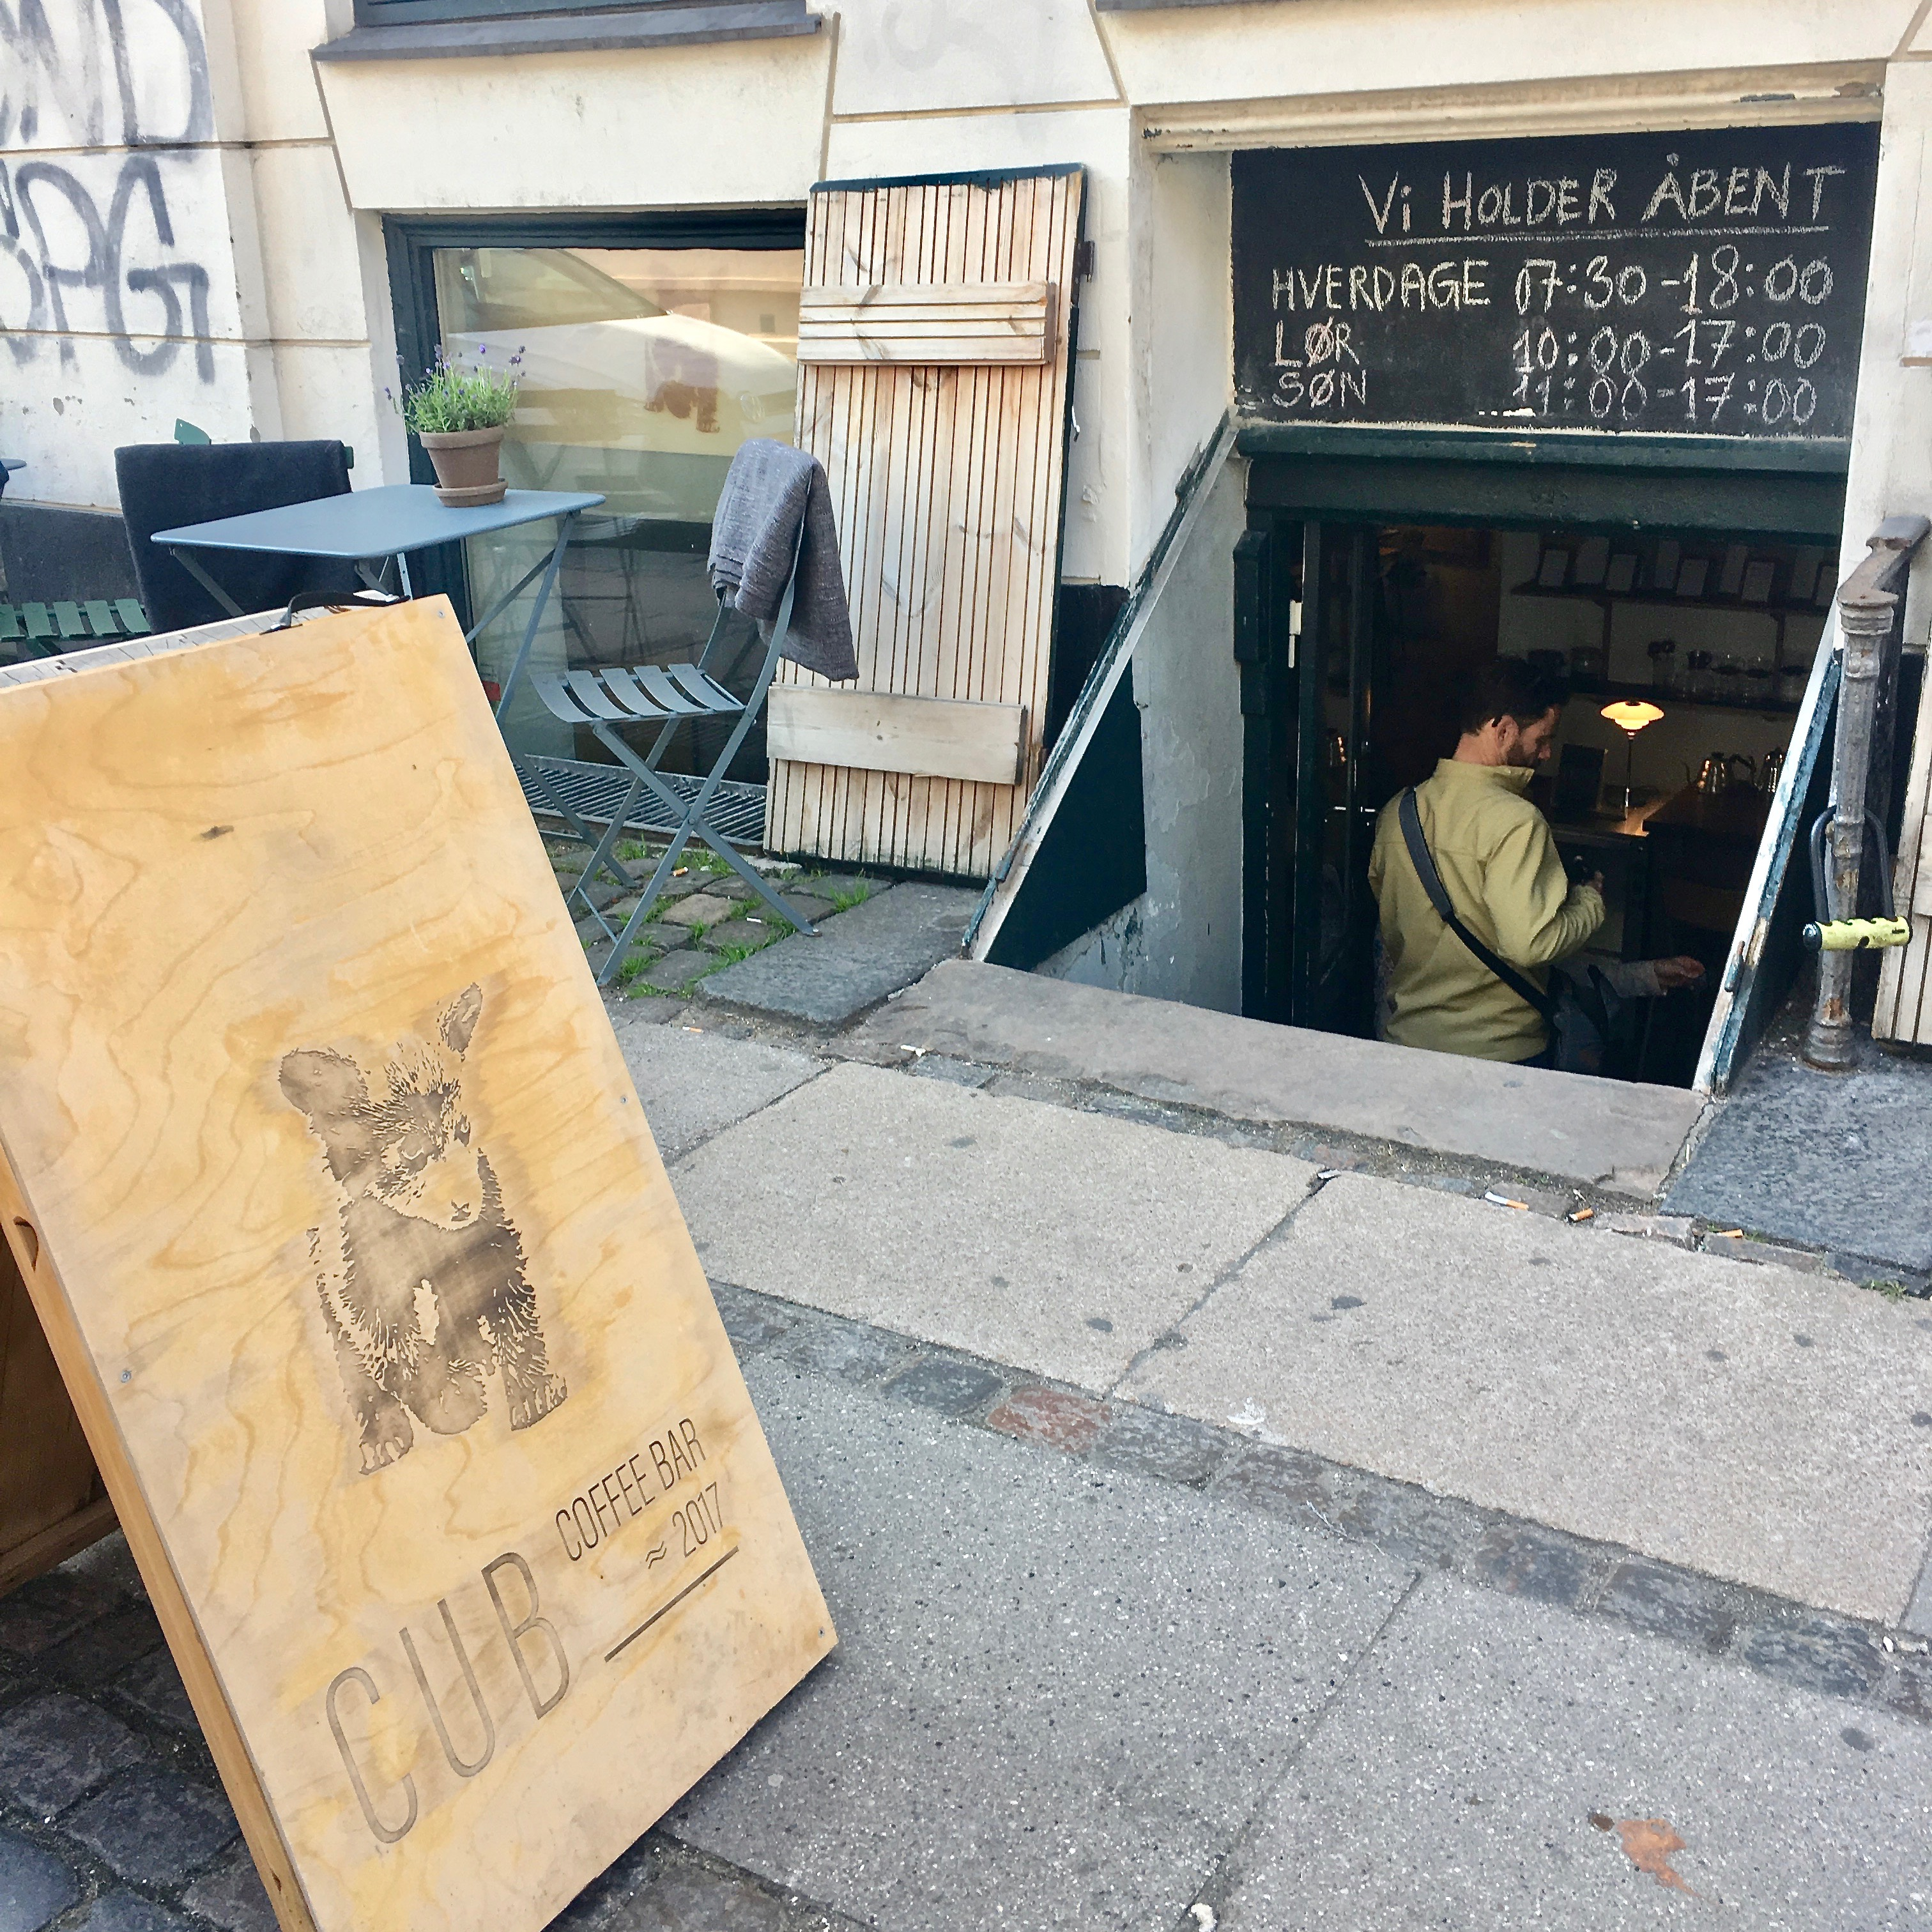 CUB Coffee Bar outside